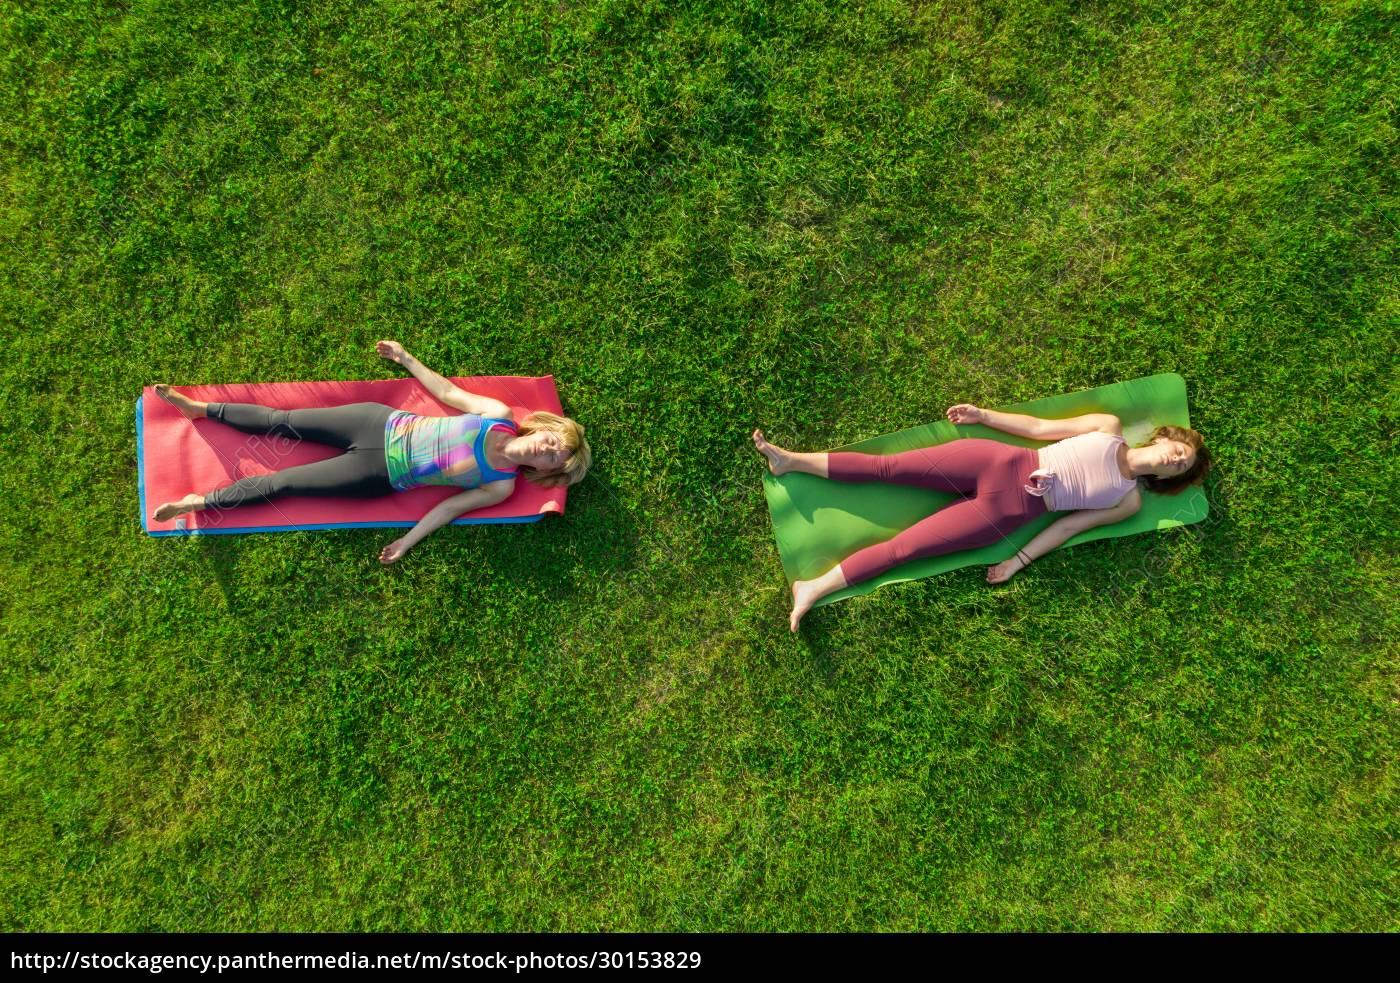 luftfoto, af, to, kvinder, der, dyrker, yoga - 30153829